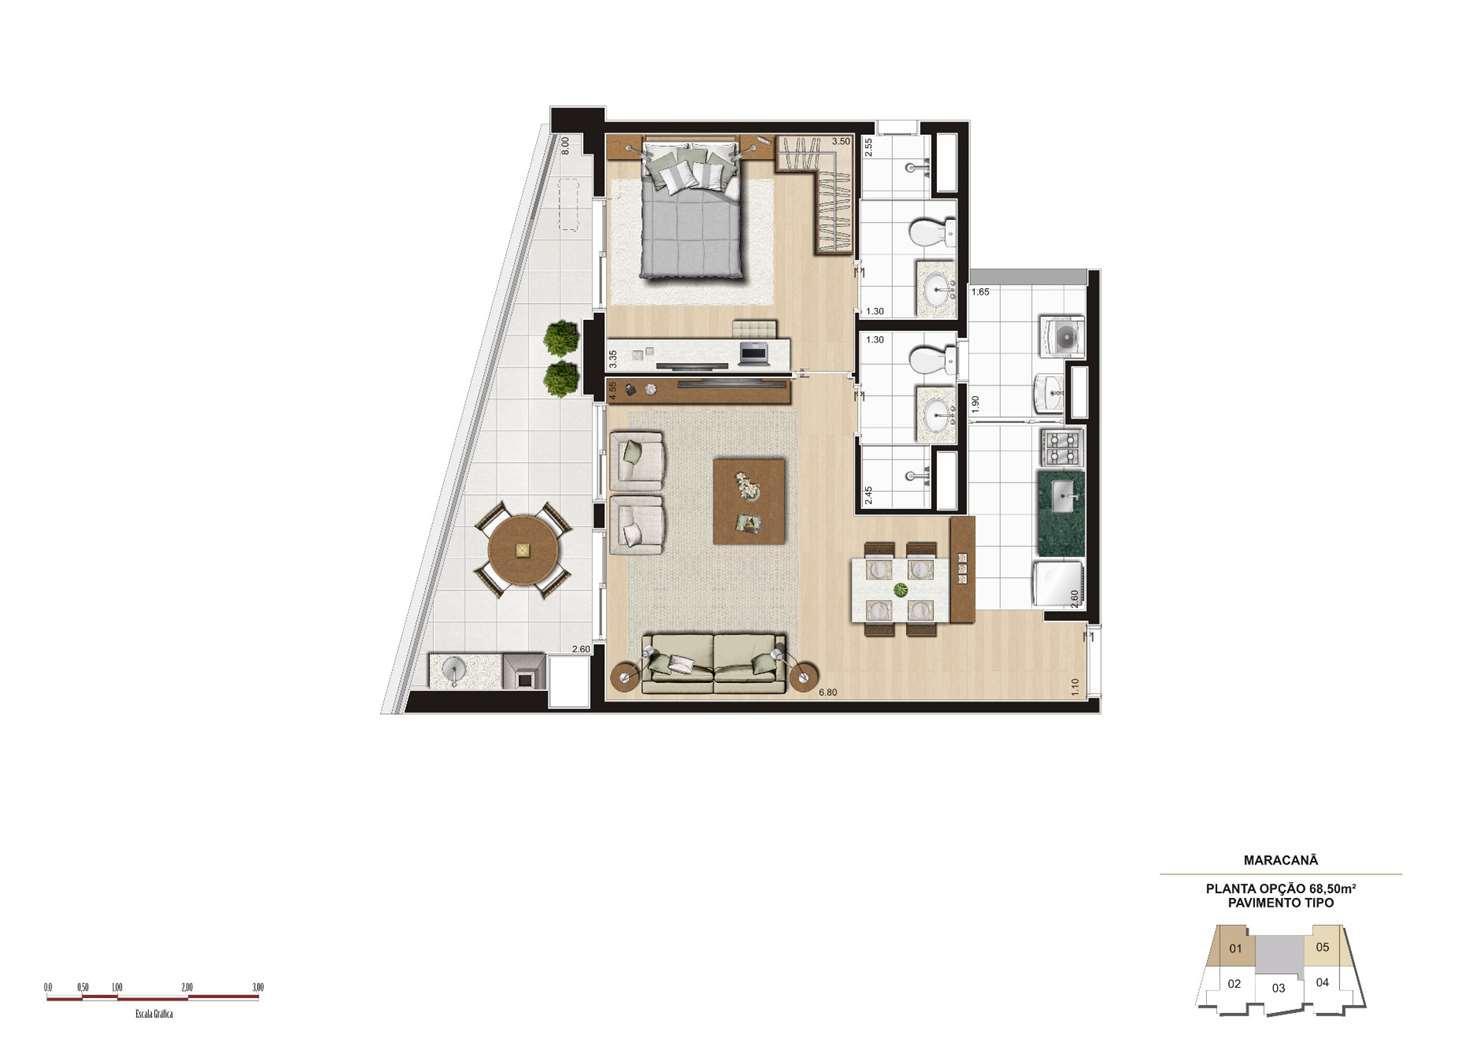 Planta opção 68m² - Finais 1 e 5 | Cyrela 2014 The Year Edition – Apartamentono  Alto da Lapa - São Paulo - São Paulo